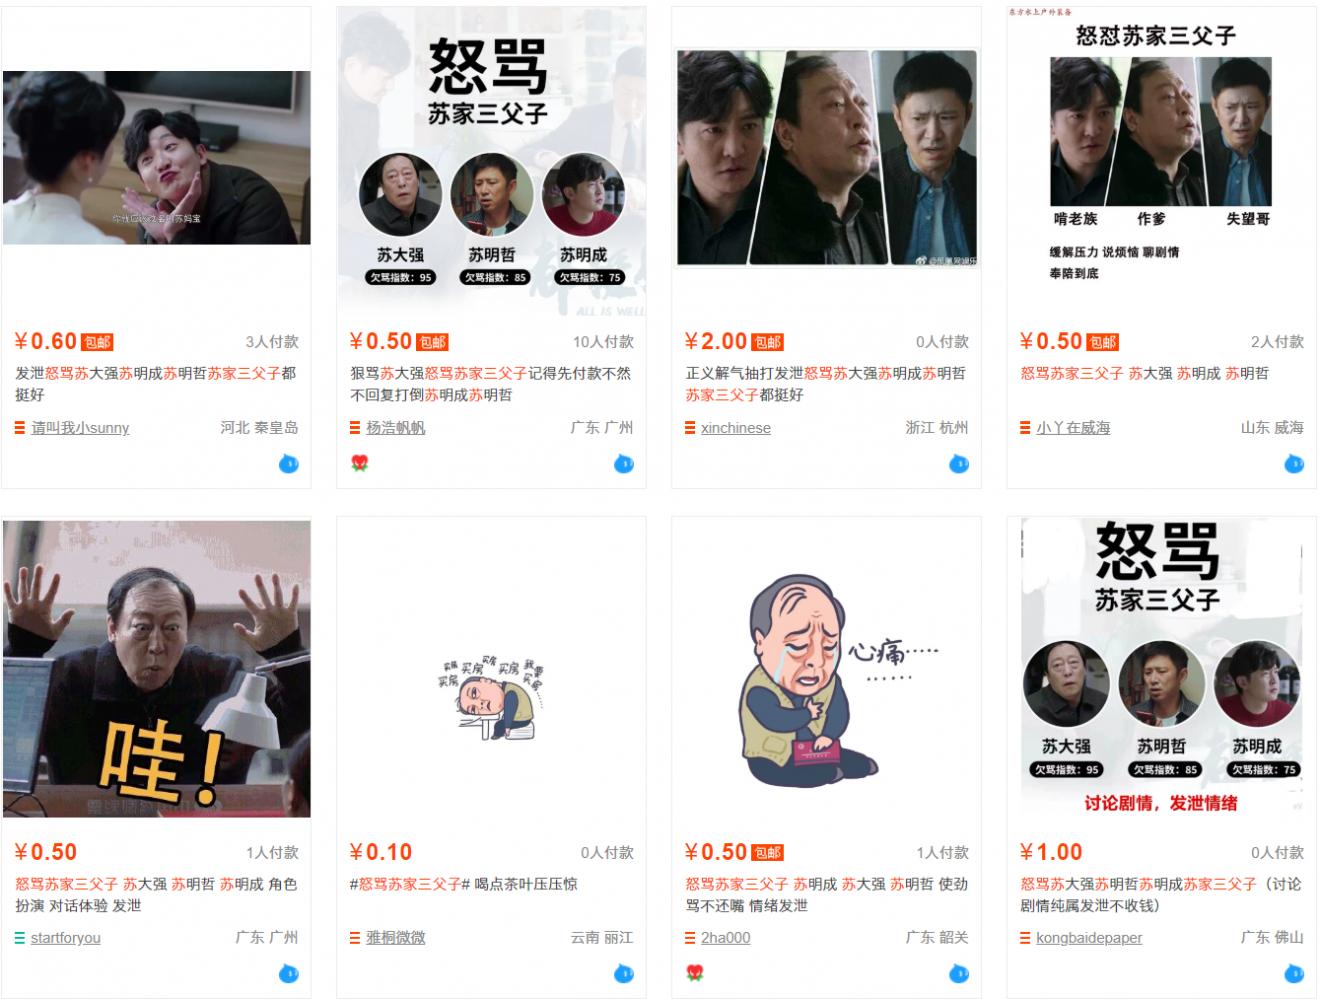 5 thứ của lạ đang bán đầy rẫy trên Internet ở Trung Quốc, chưa nơi nào dám bắt chước được hết - Ảnh 3.